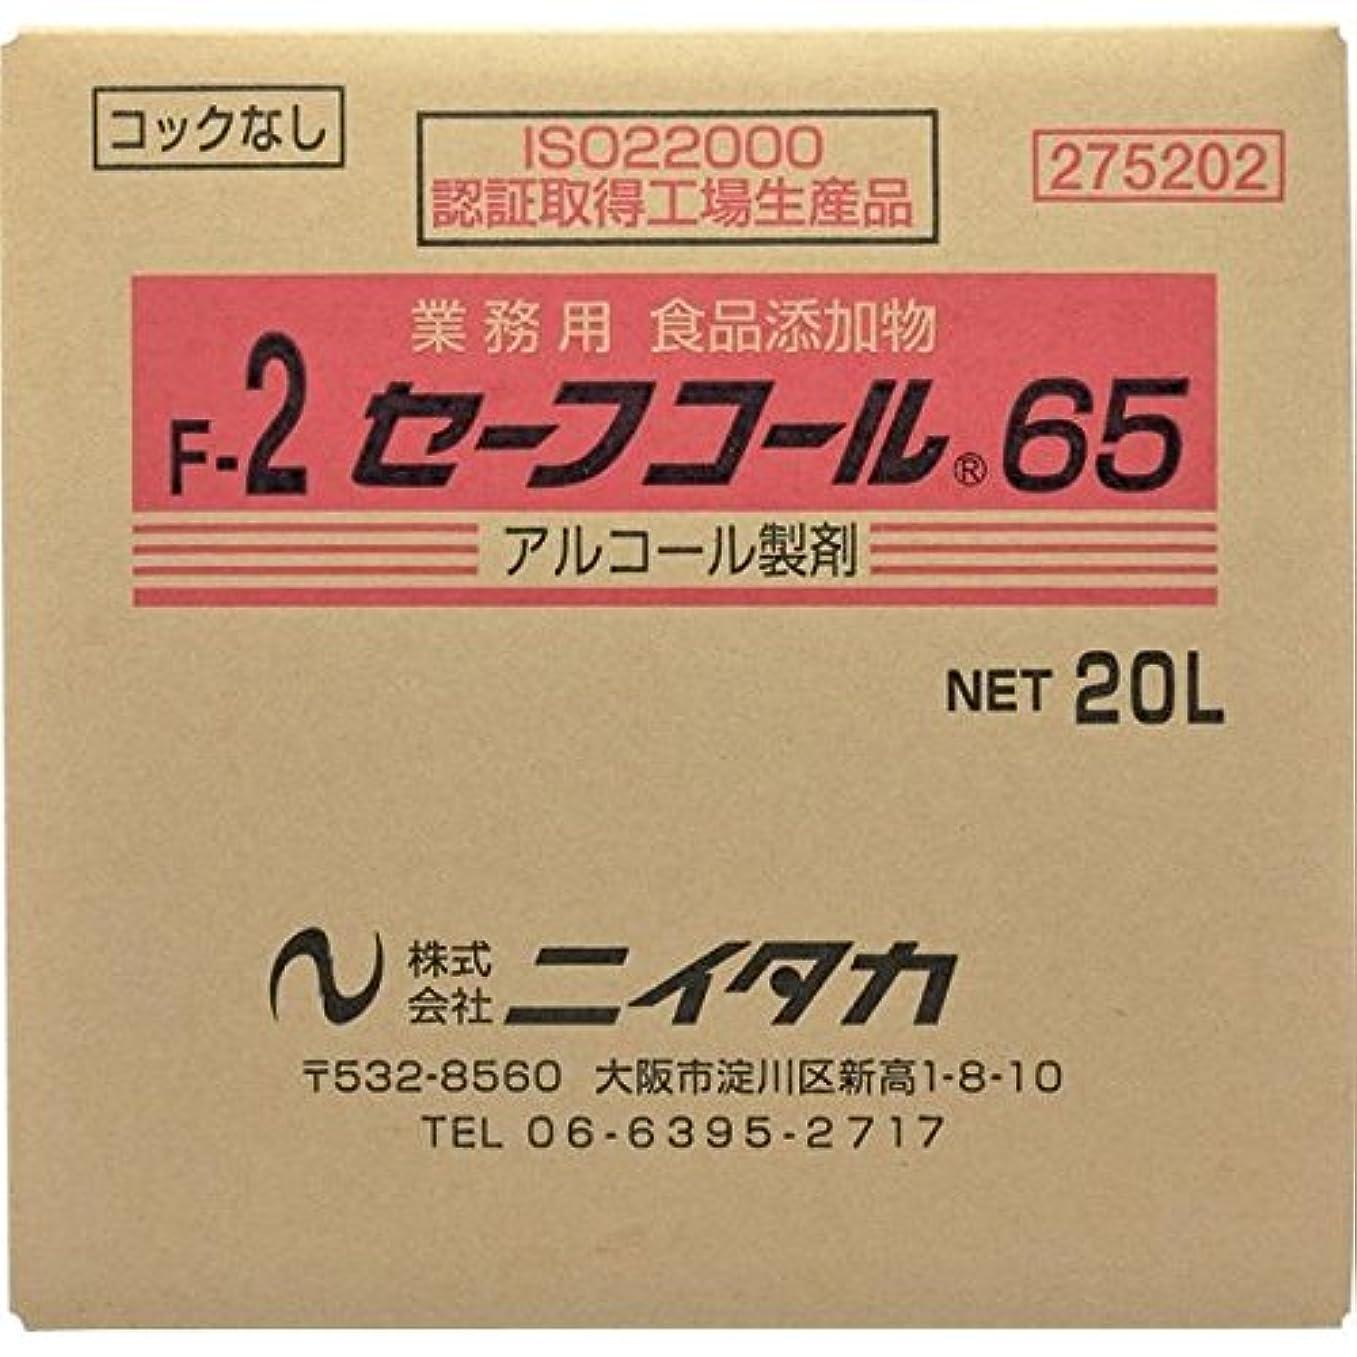 探偵フィドル特性ニイタカ:セーフコール65(F-2) 20L(BIB) 275202